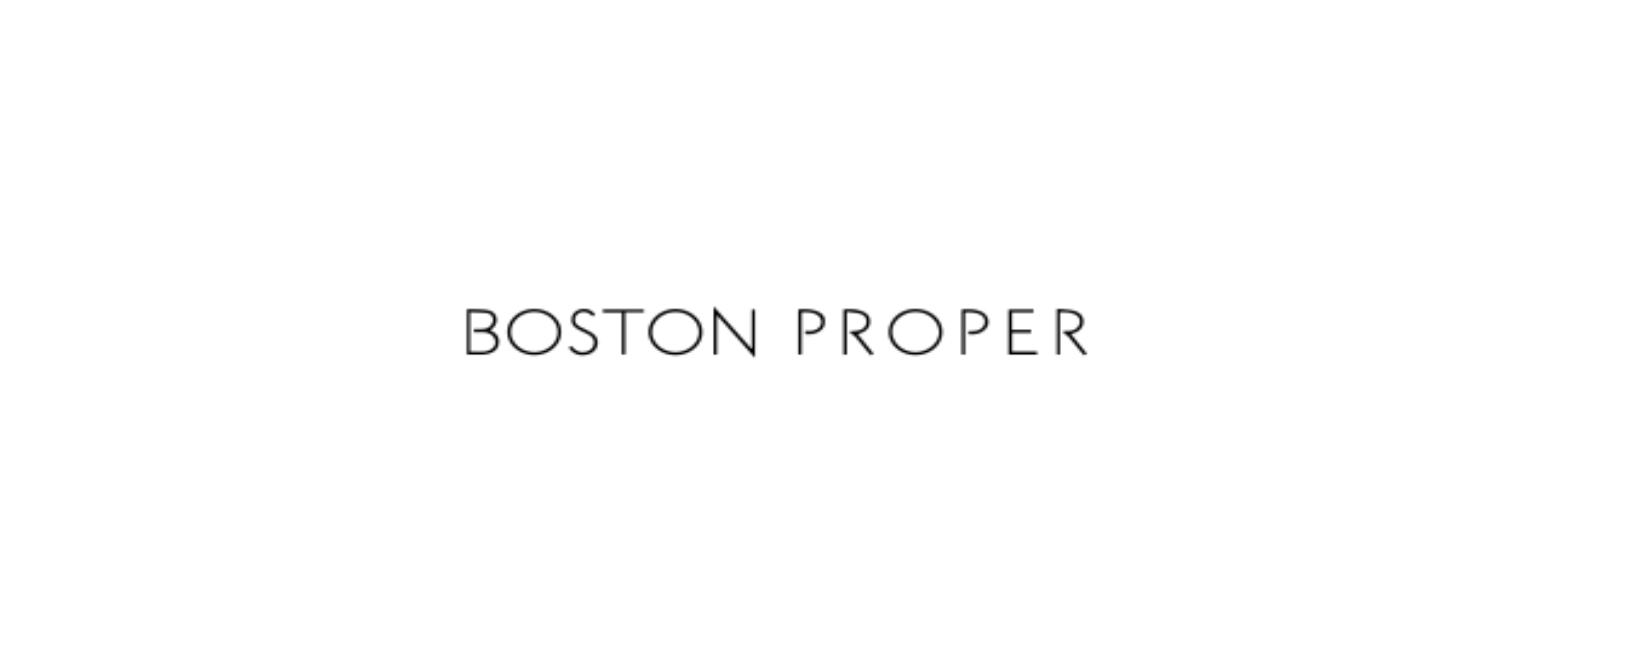 Boston Proper Discount Code 2021